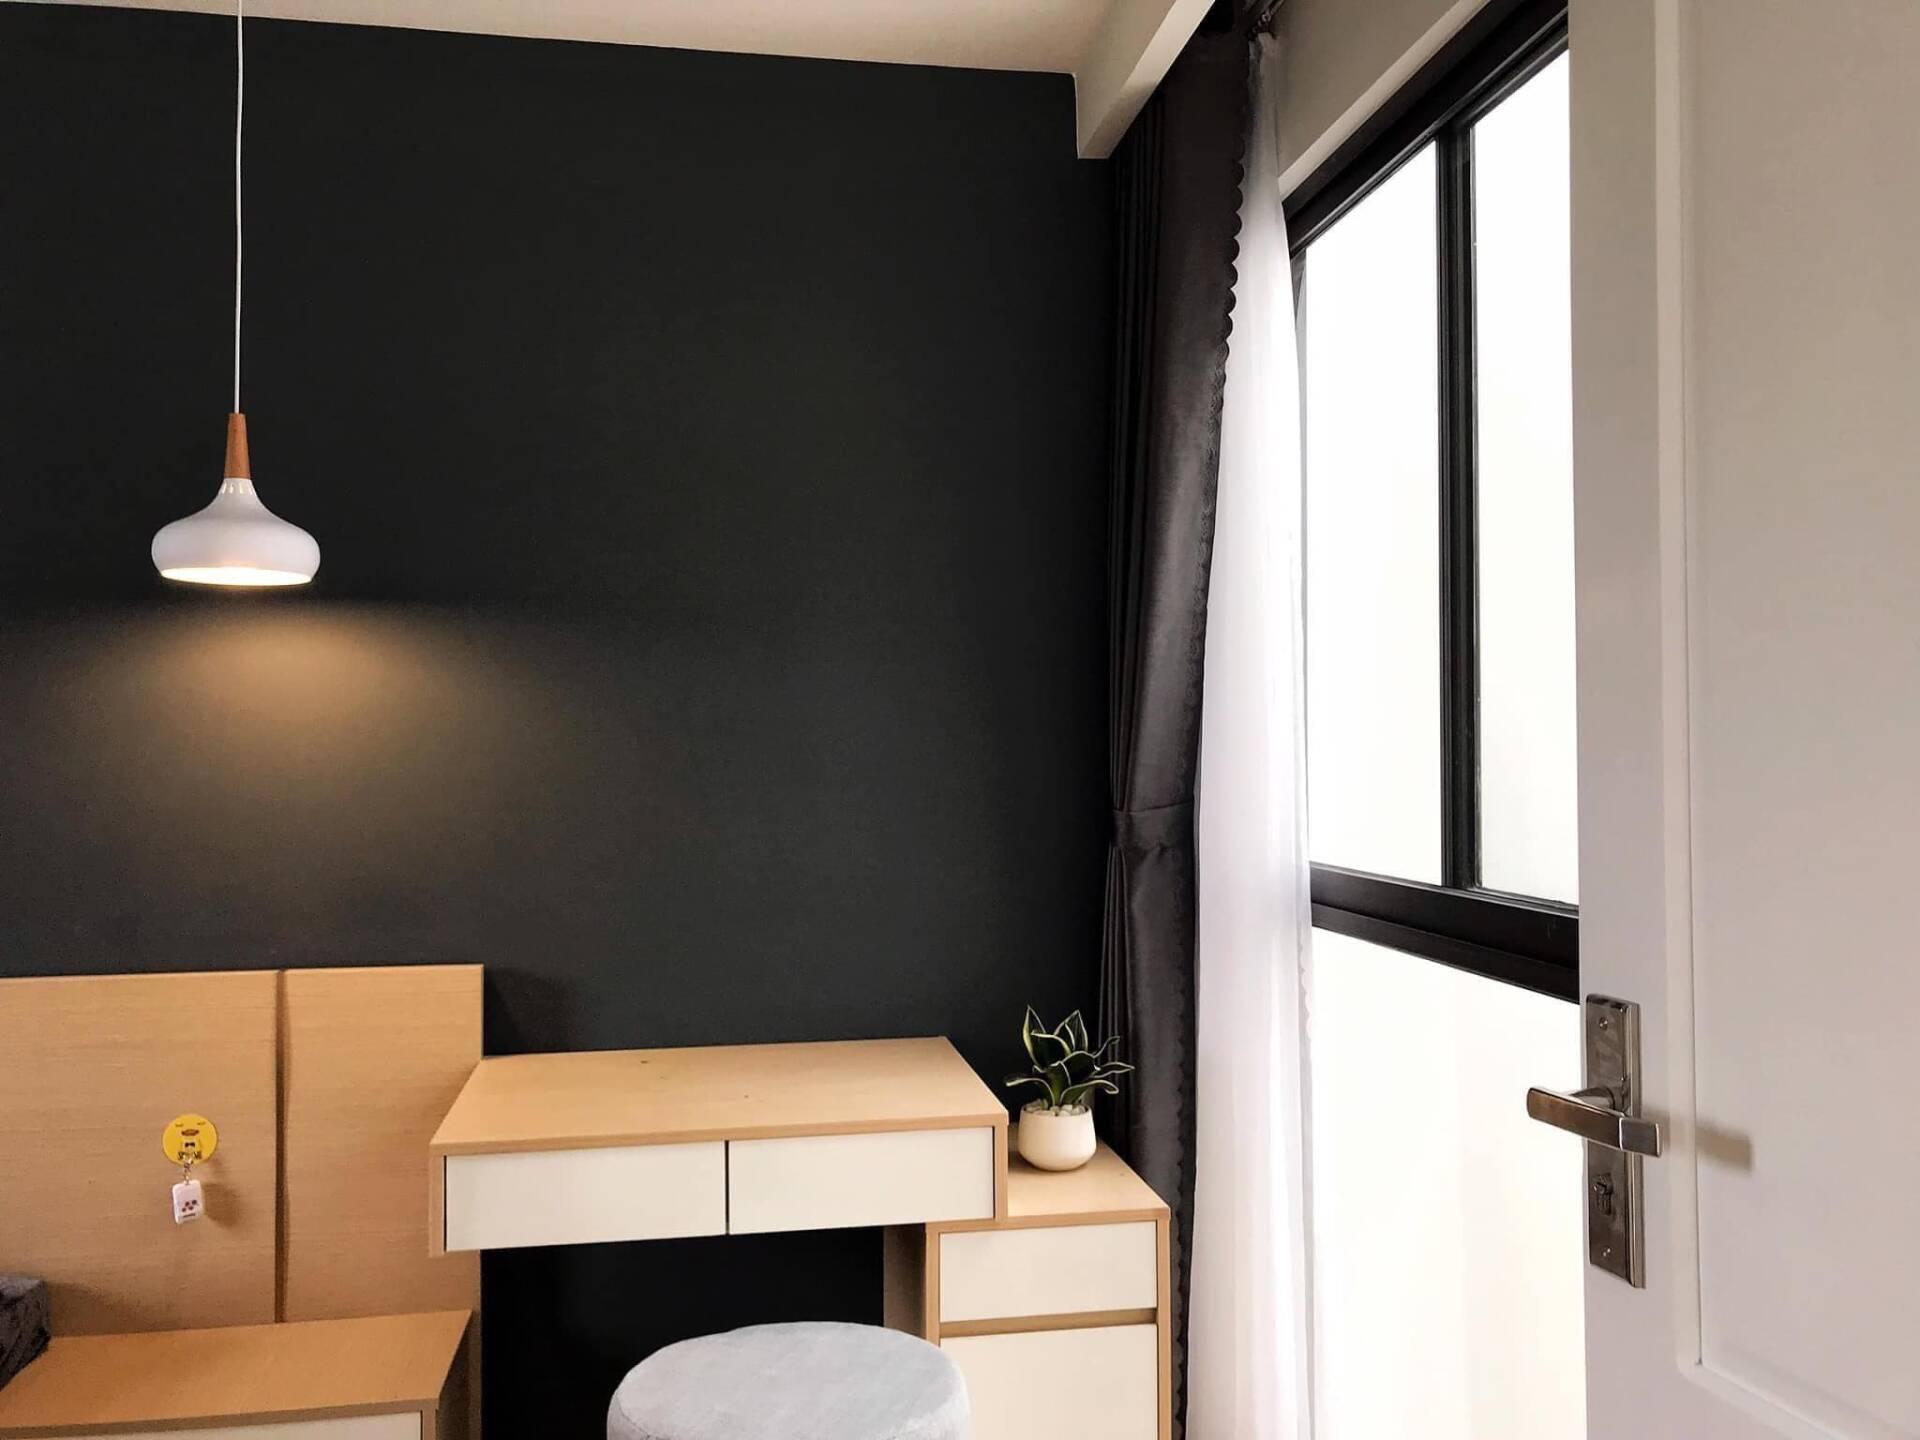 Ô cửa sổ giúp đưa ánh sáng tự nhiên vào phòng